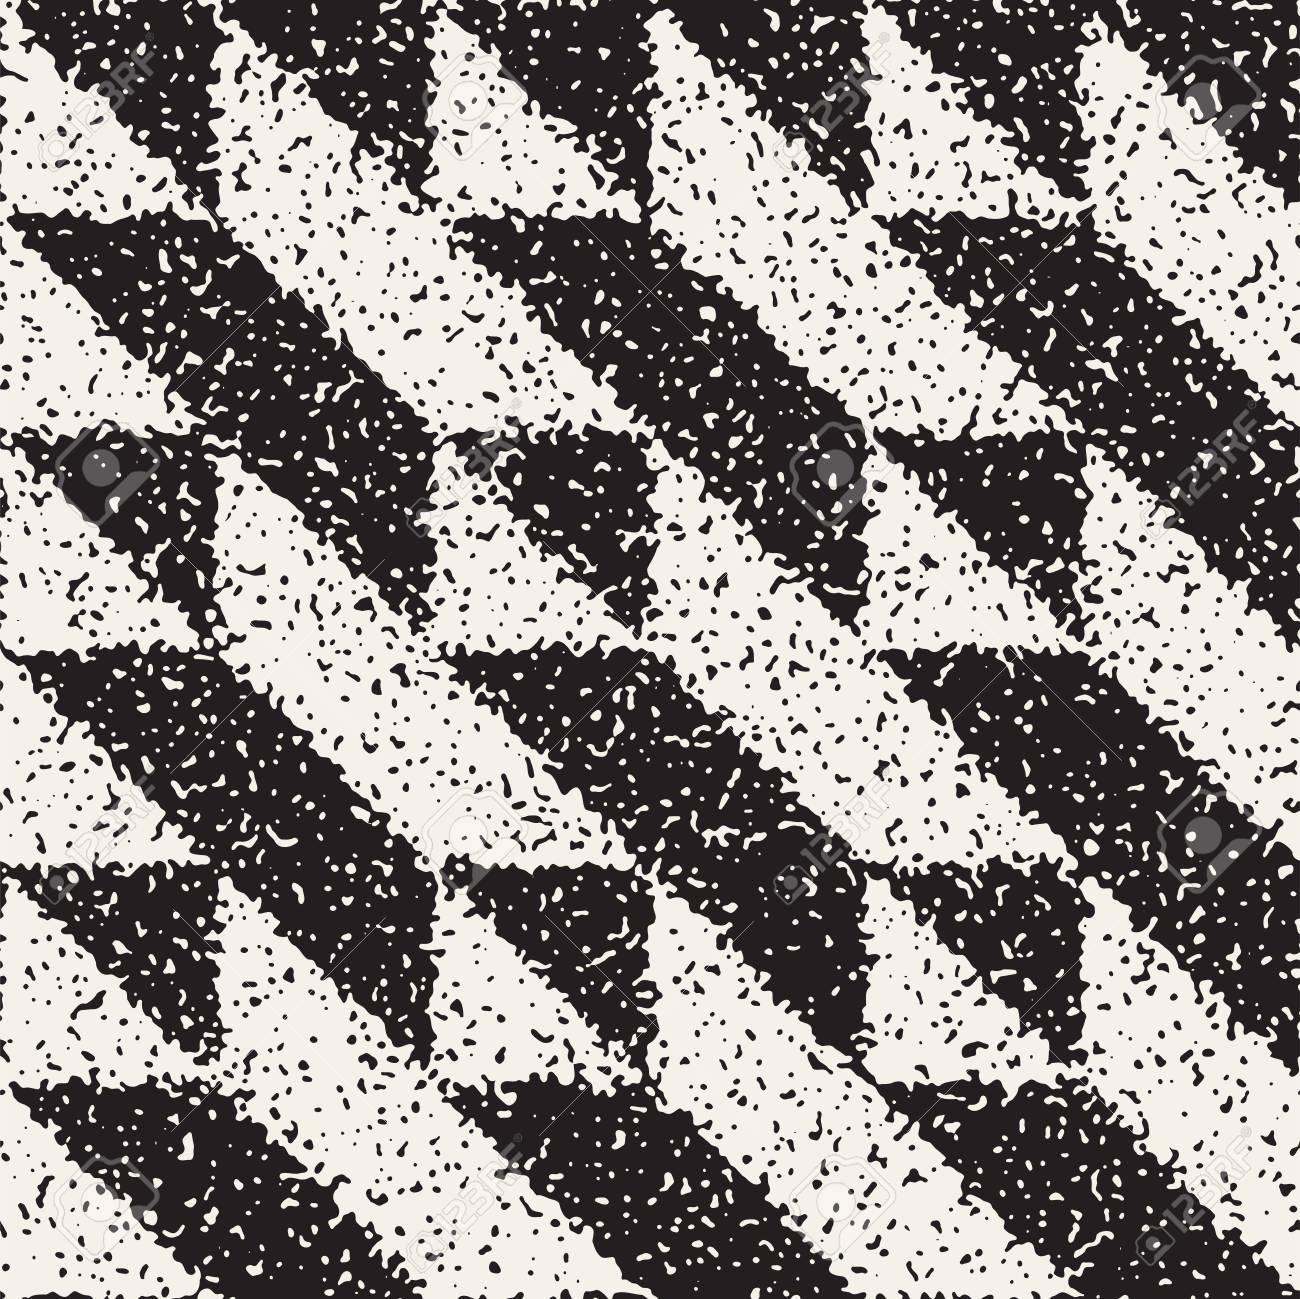 Fondo Geométrico Texturizado Ruidoso Abstracto De Las Formas. Vector ...